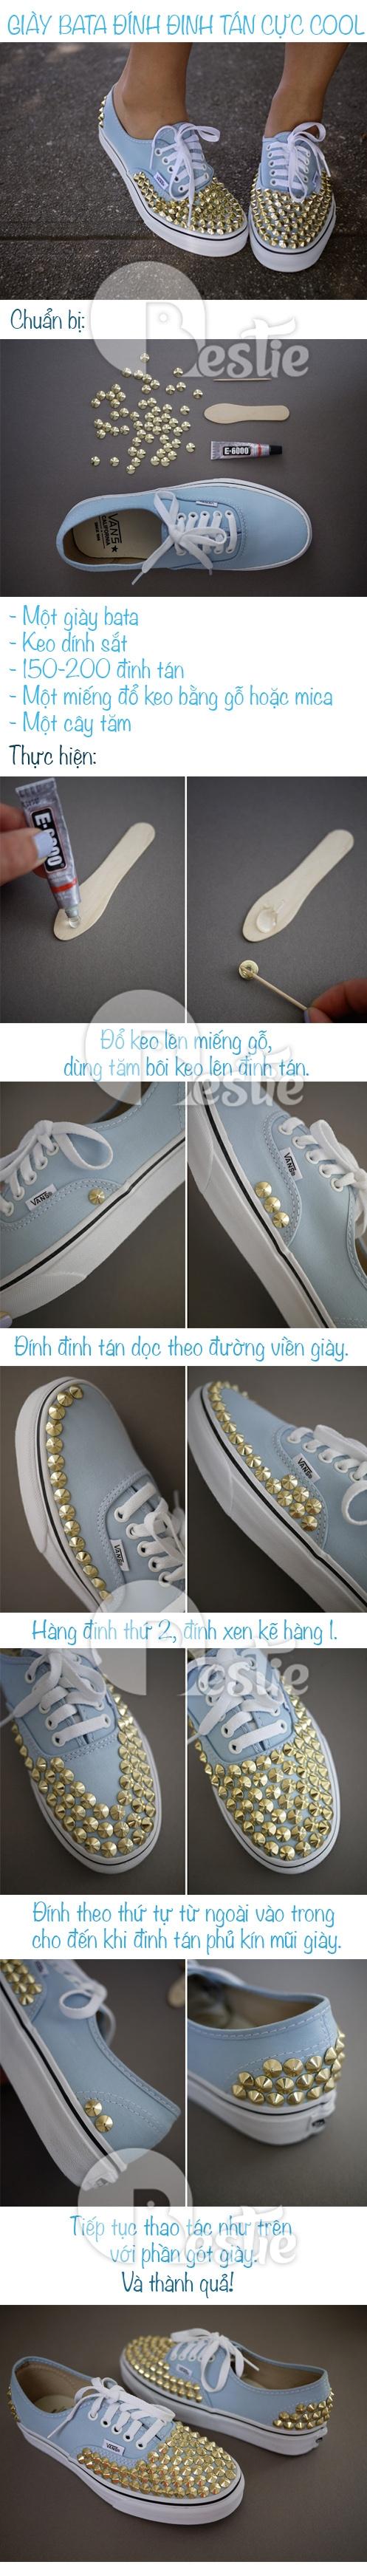 DIY: Tự làm giày đính đinh tán cực cool